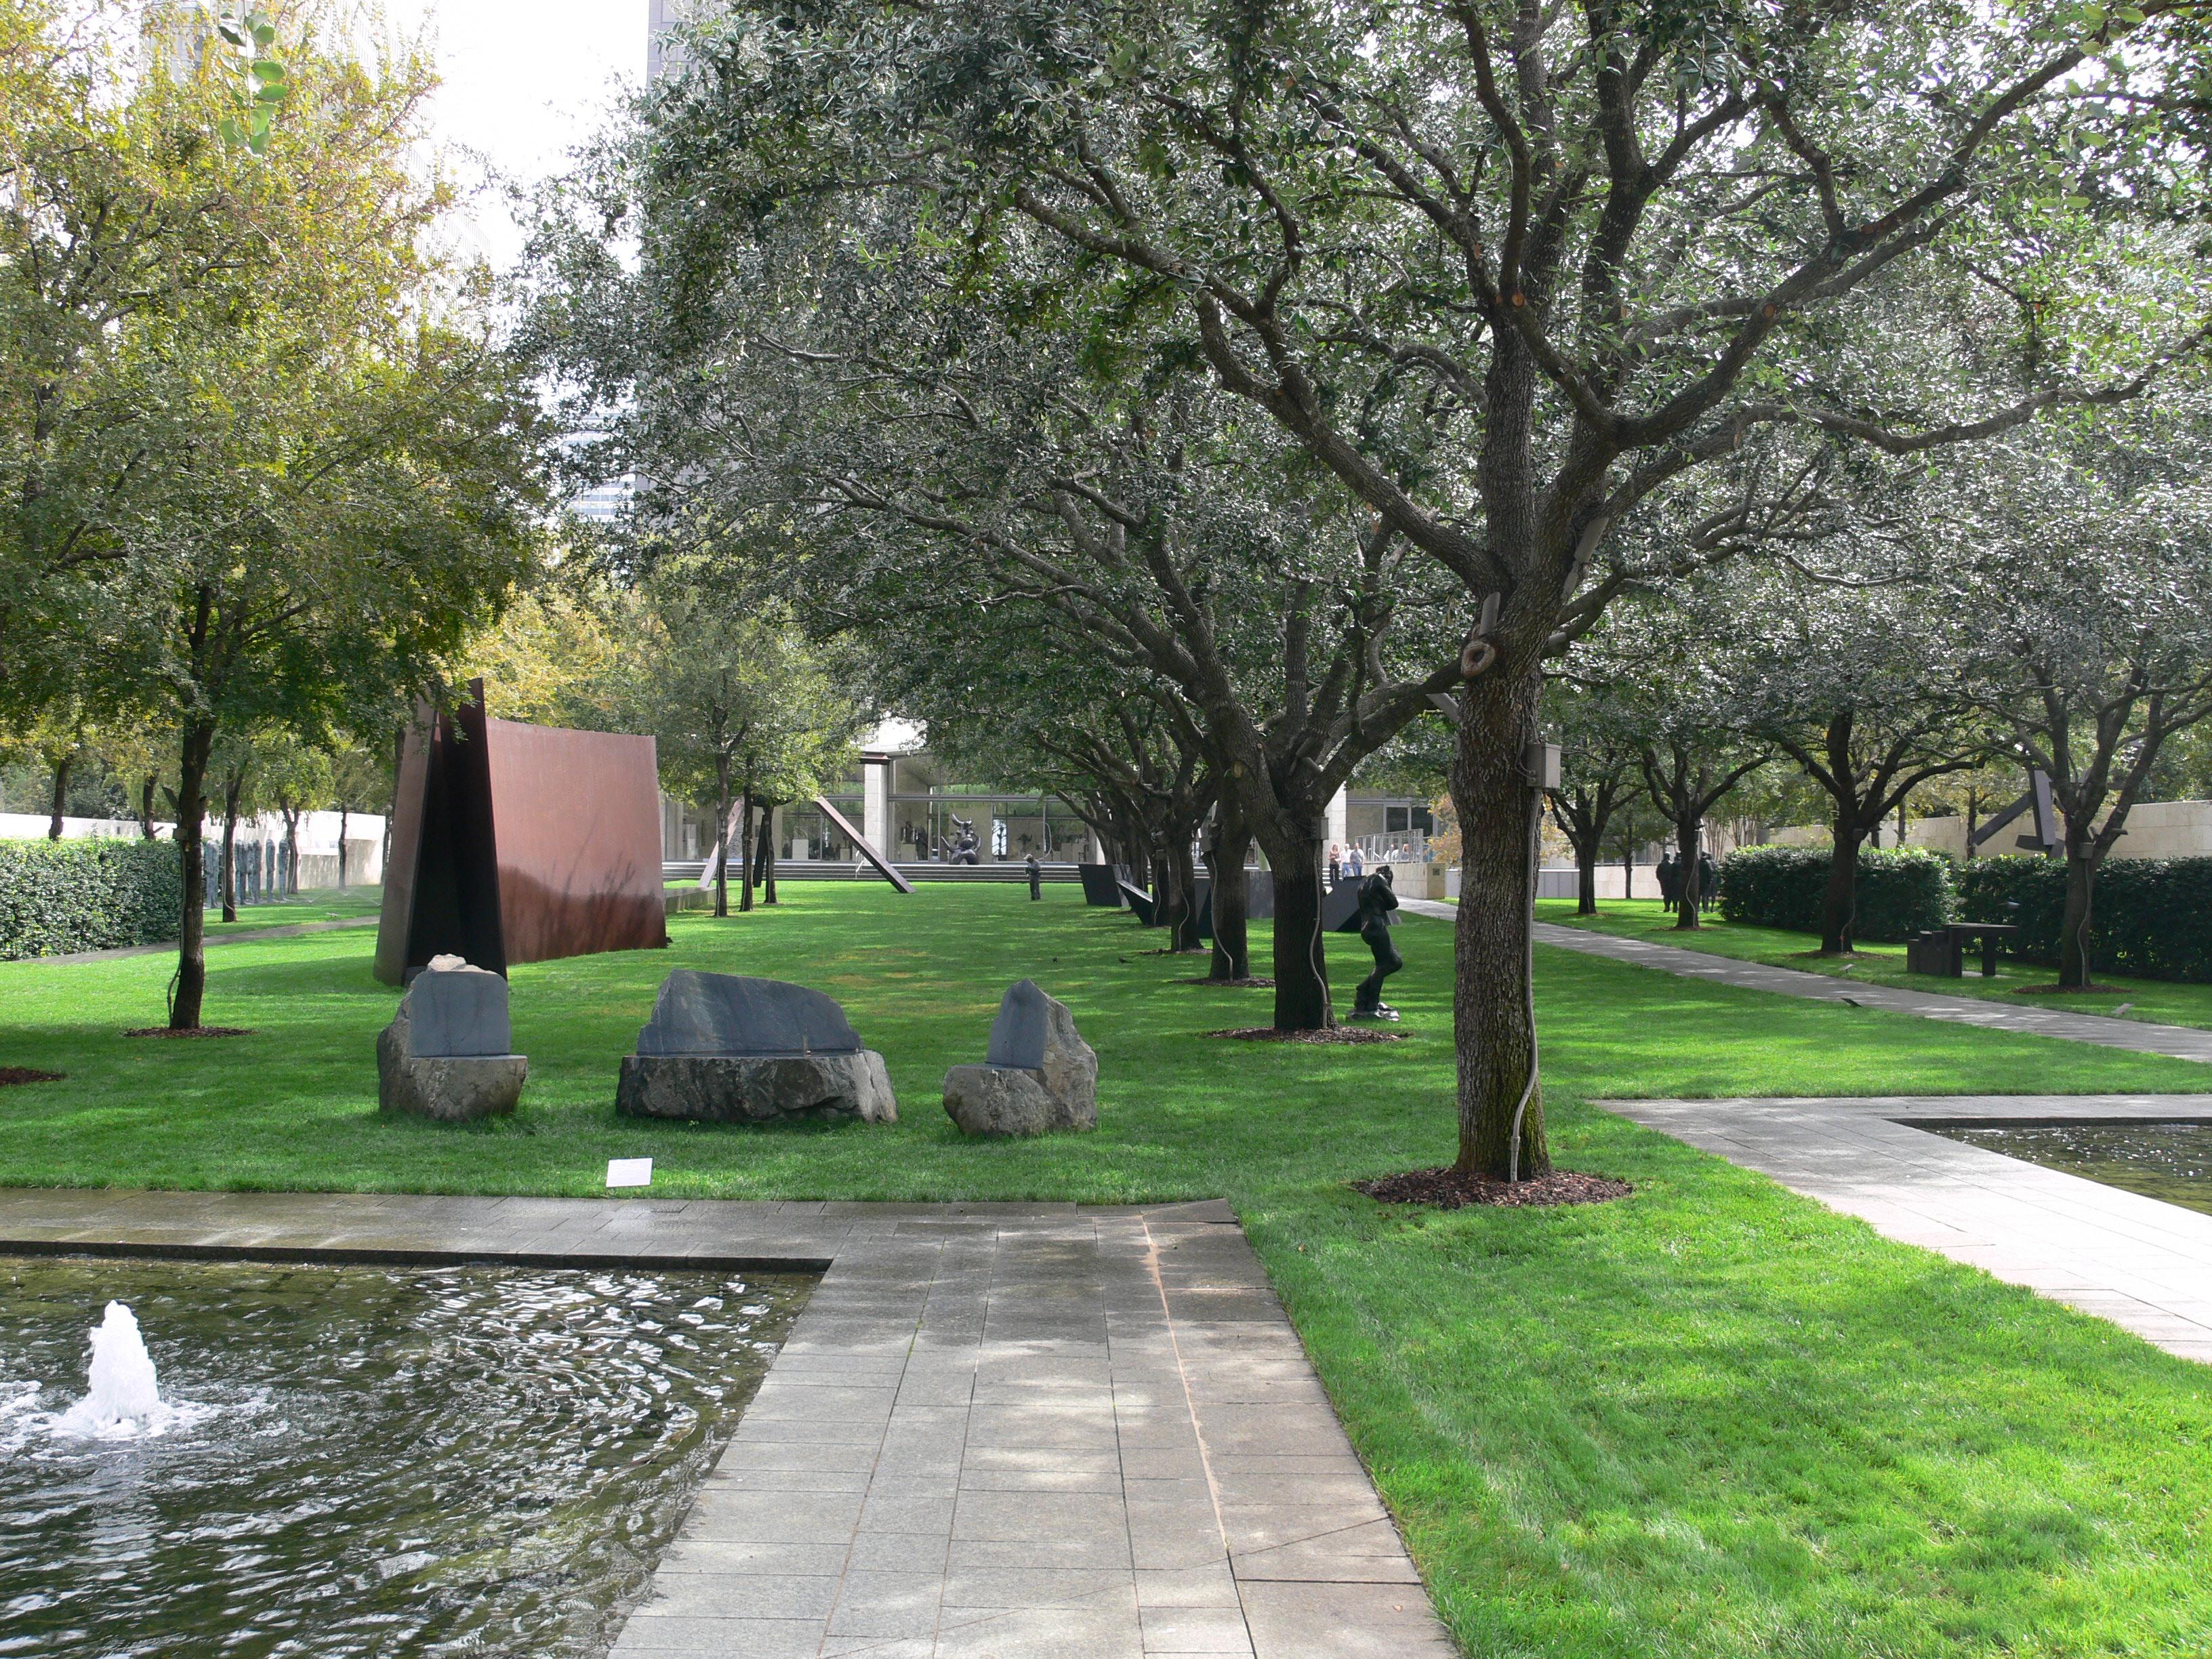 File:Nasher Sculpture Garden Dallas